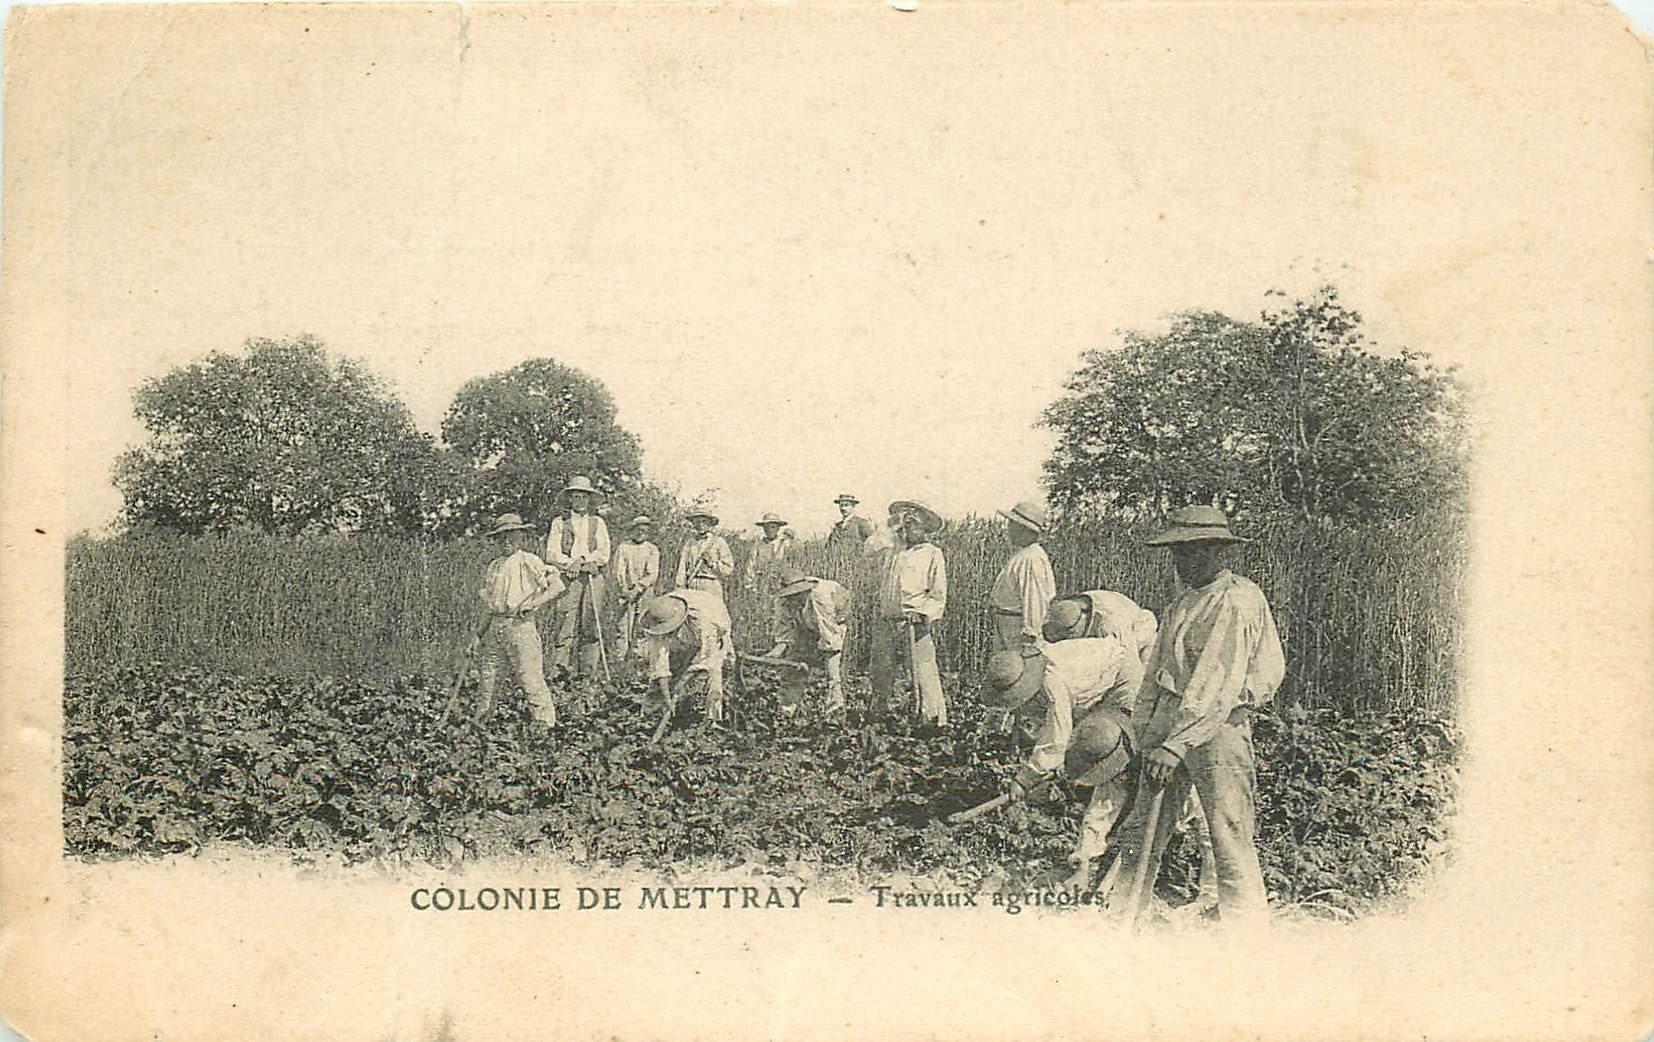 37 COLONIE DE METTRAY. Maison de redressement et Pénitencier. Travaux agricoles